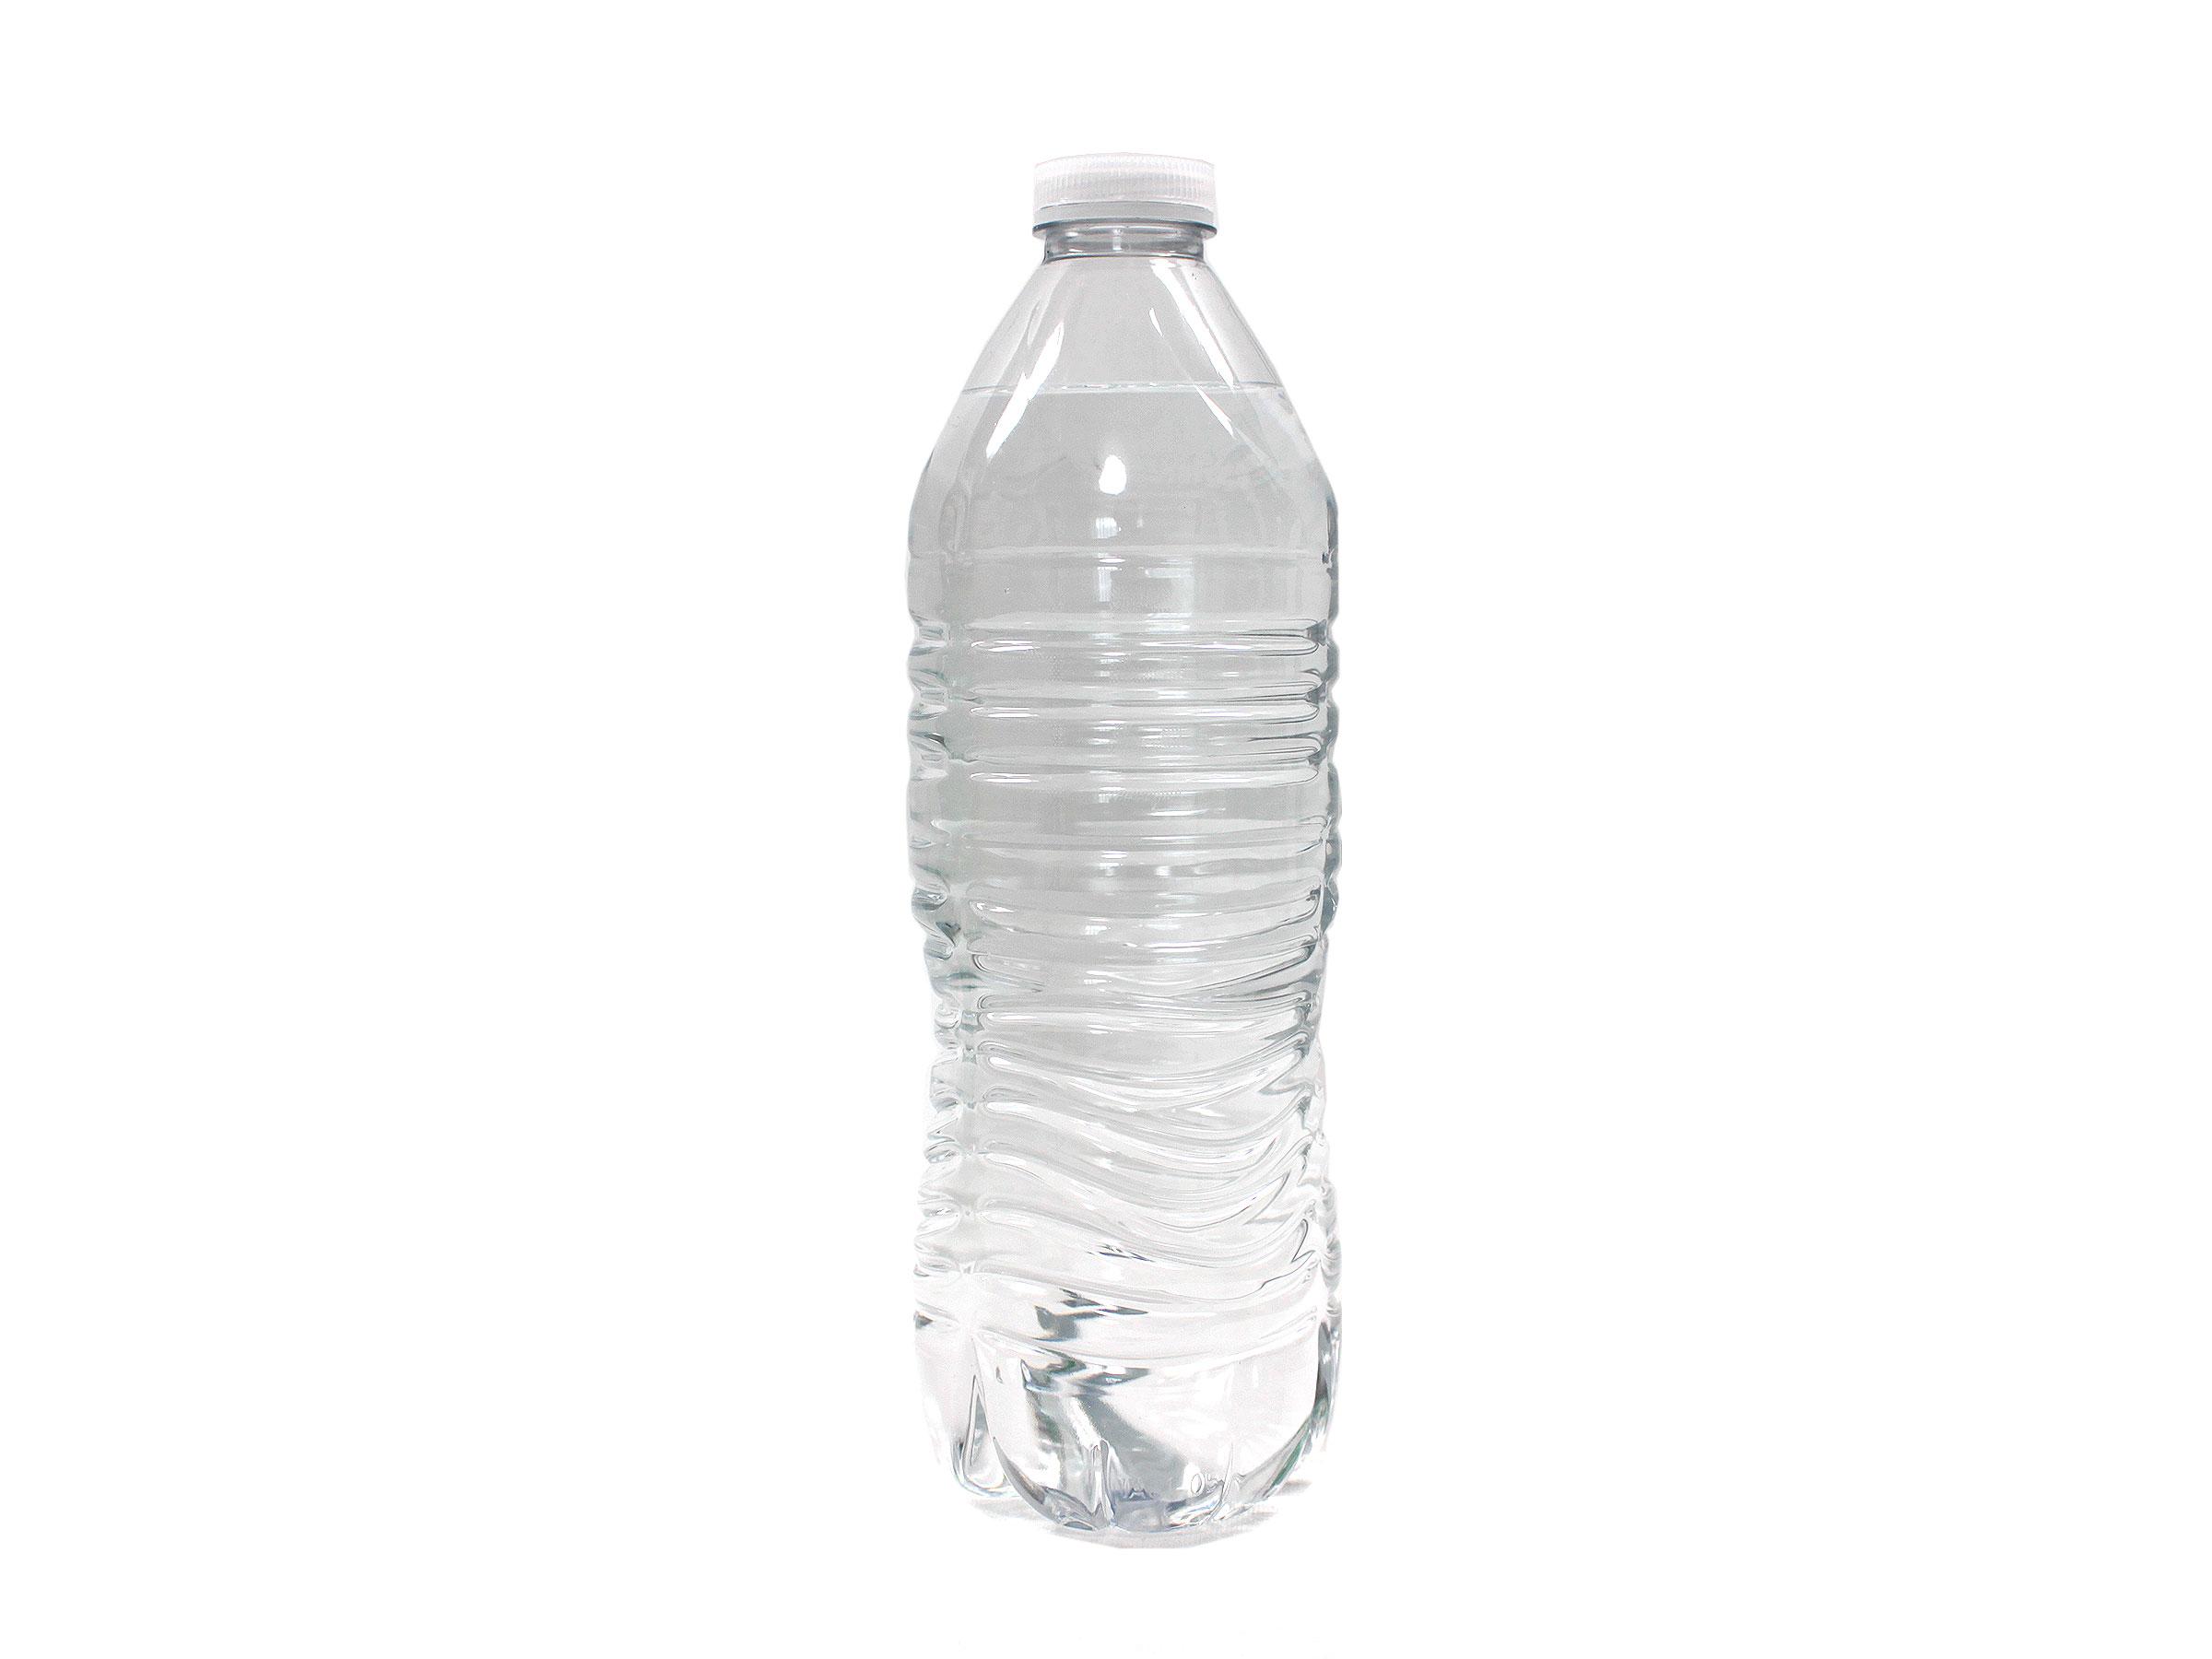 ペットボトル フリー素材 写真